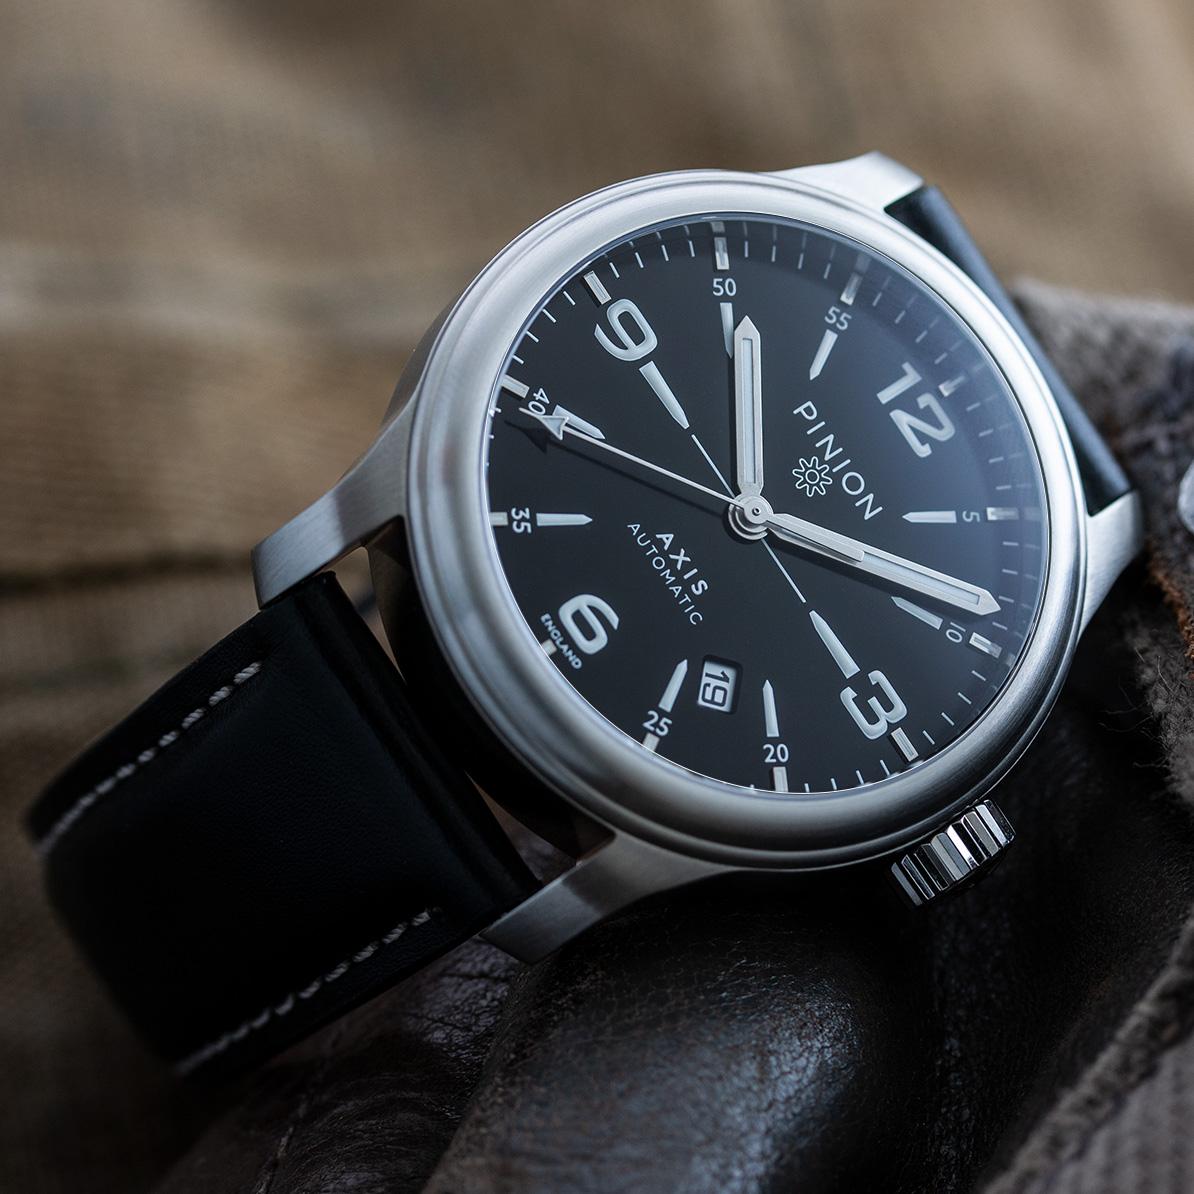 pinion-axis-ii-steel-watch-001-1-1